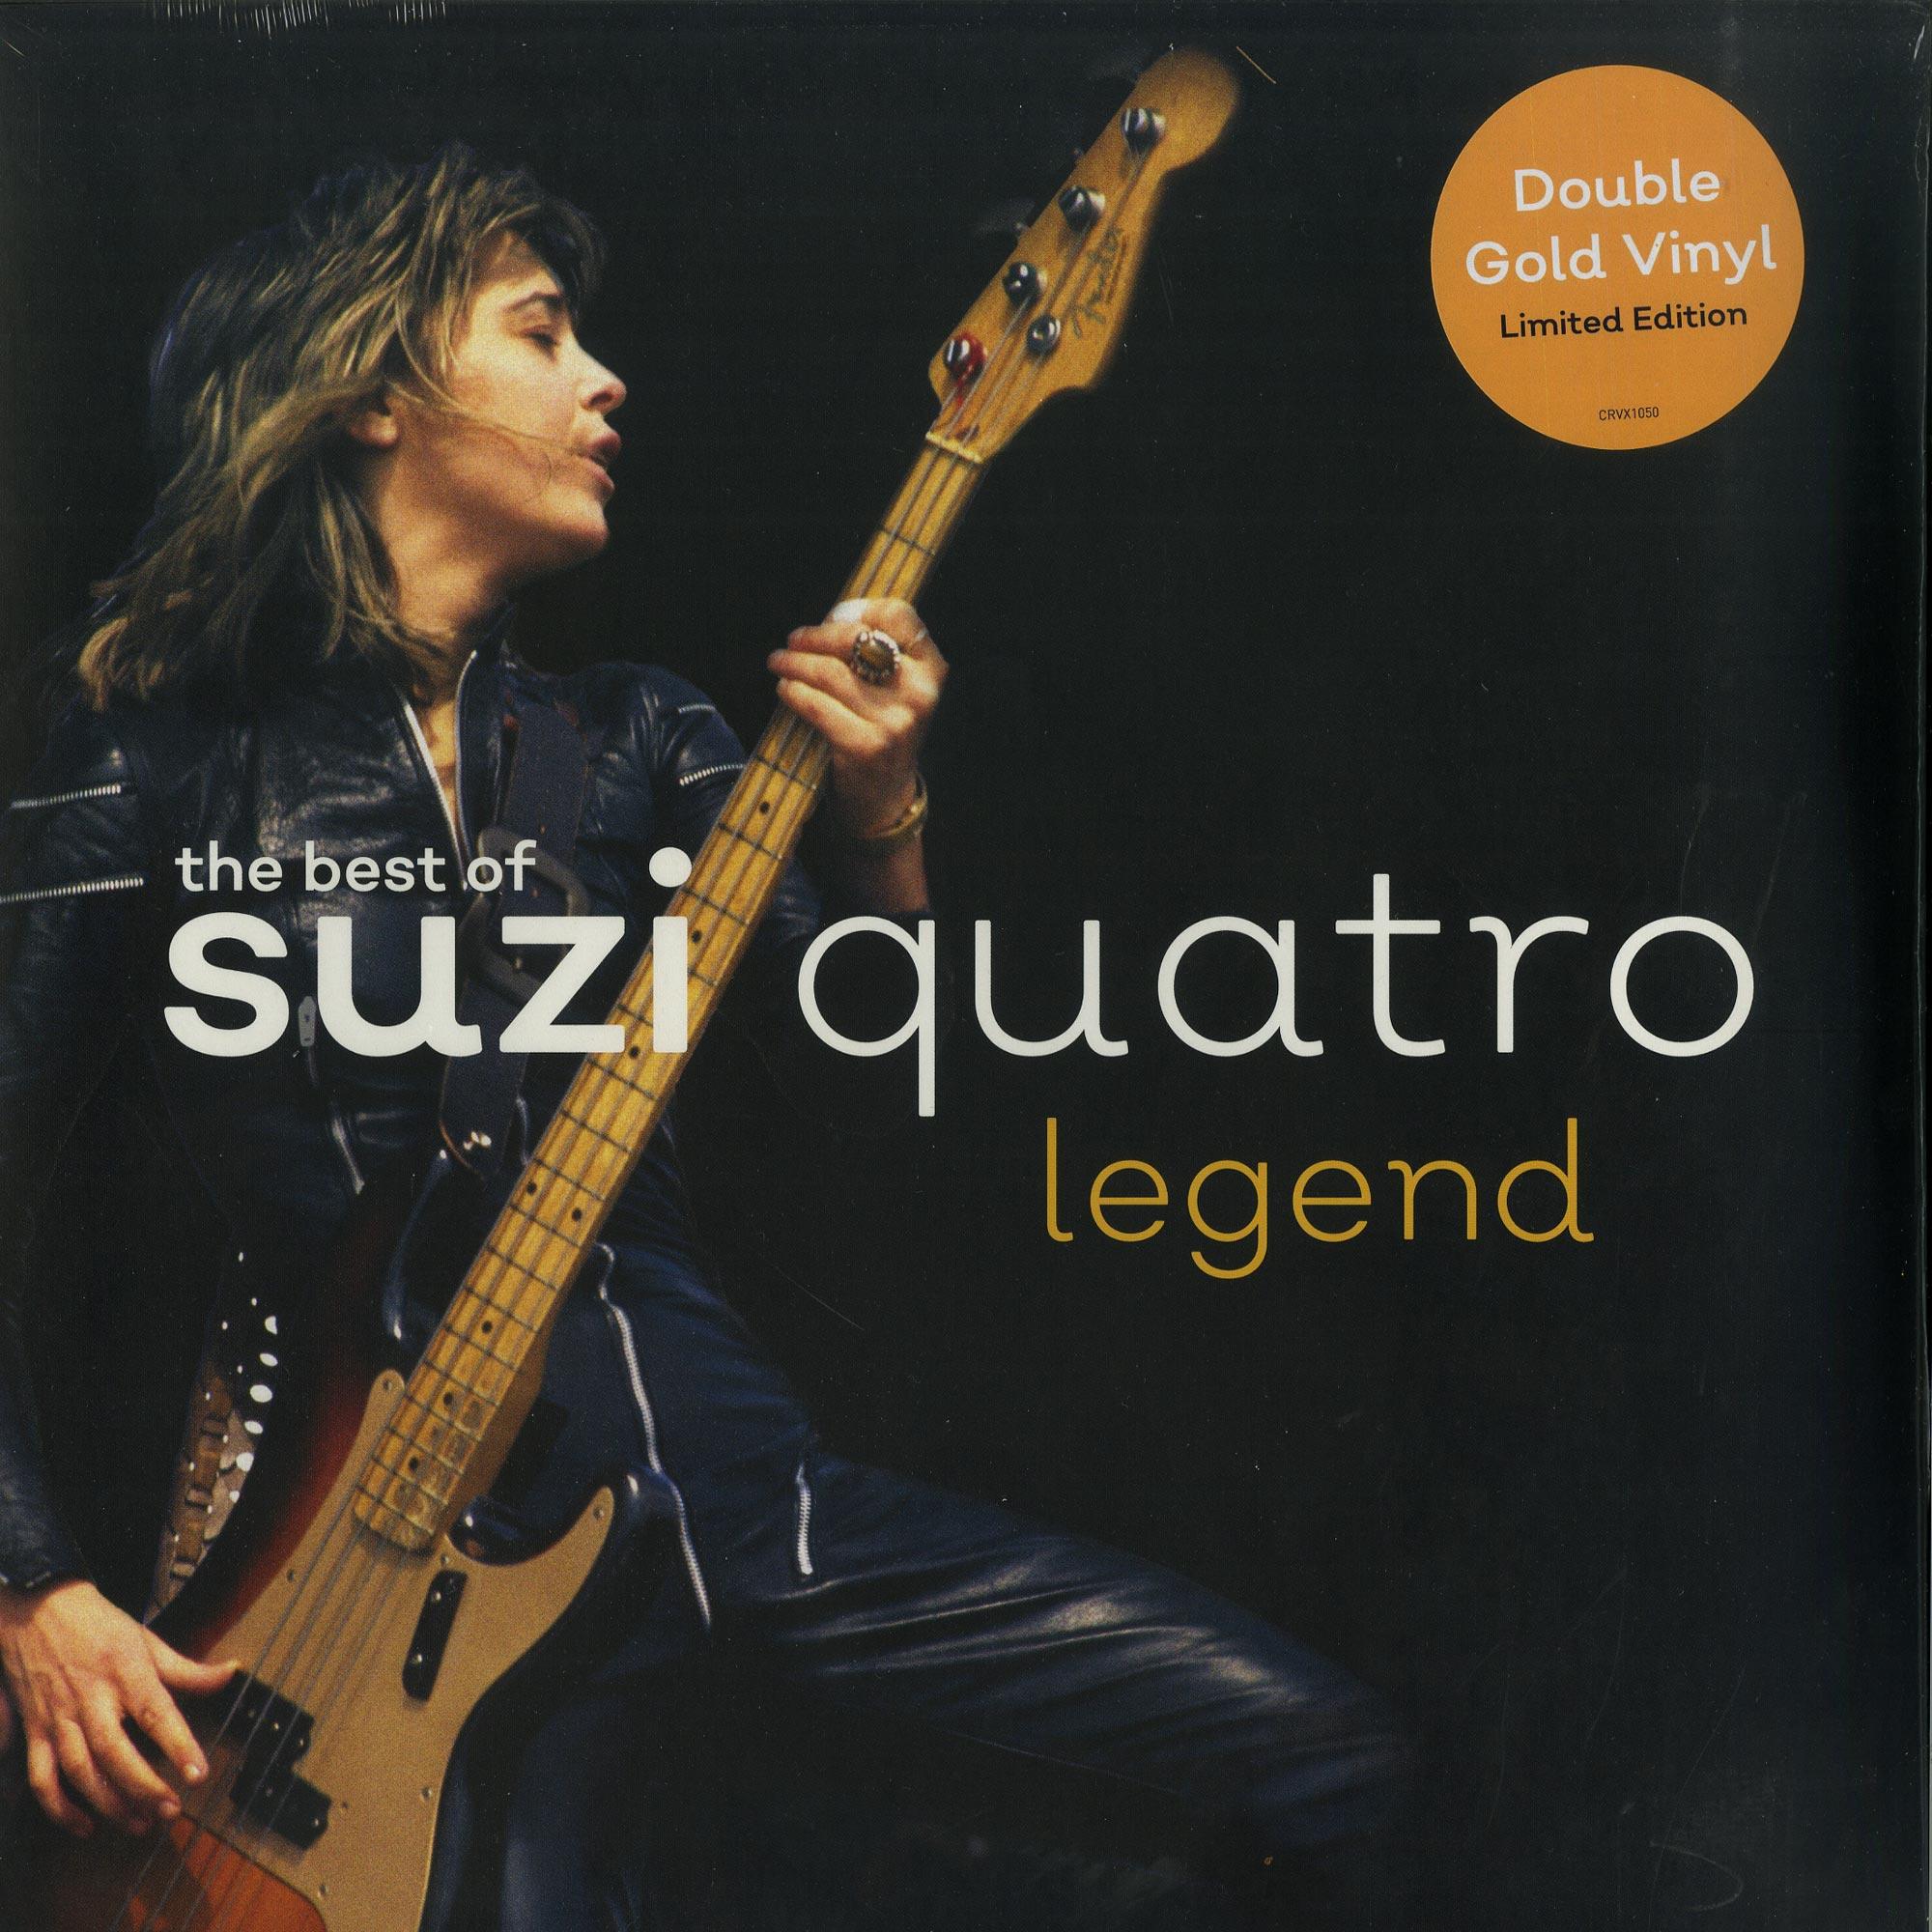 Suzi Quatro - THE BEST OF SUZI QUATRO: LEGEND